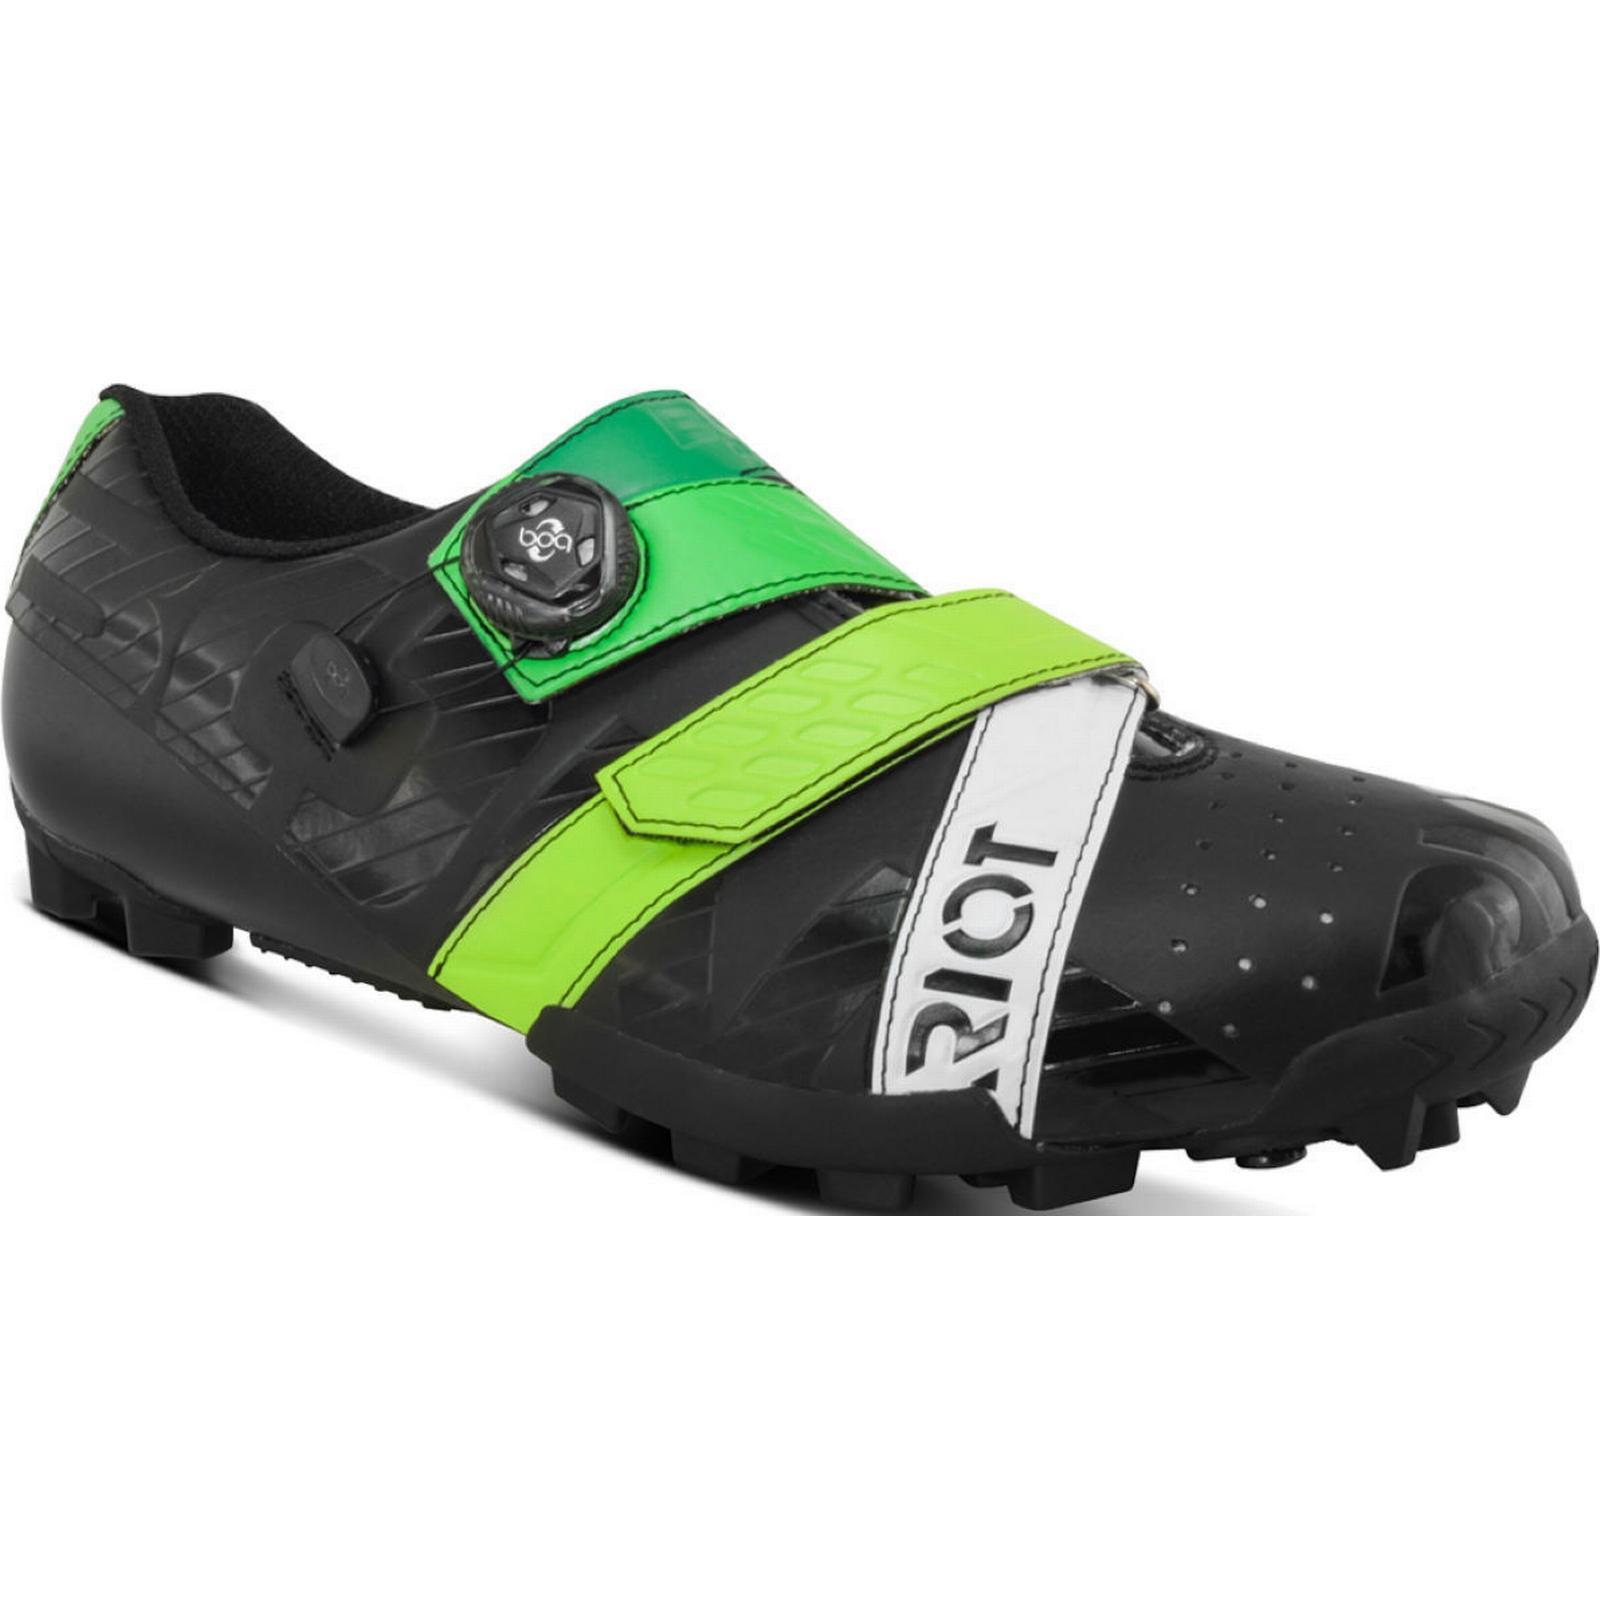 Wiggle Online Cycle Shop Bont Shoe Riot MTB+ (BOA) Cycling Shoe Bont Cycling Shoes 6bd93b